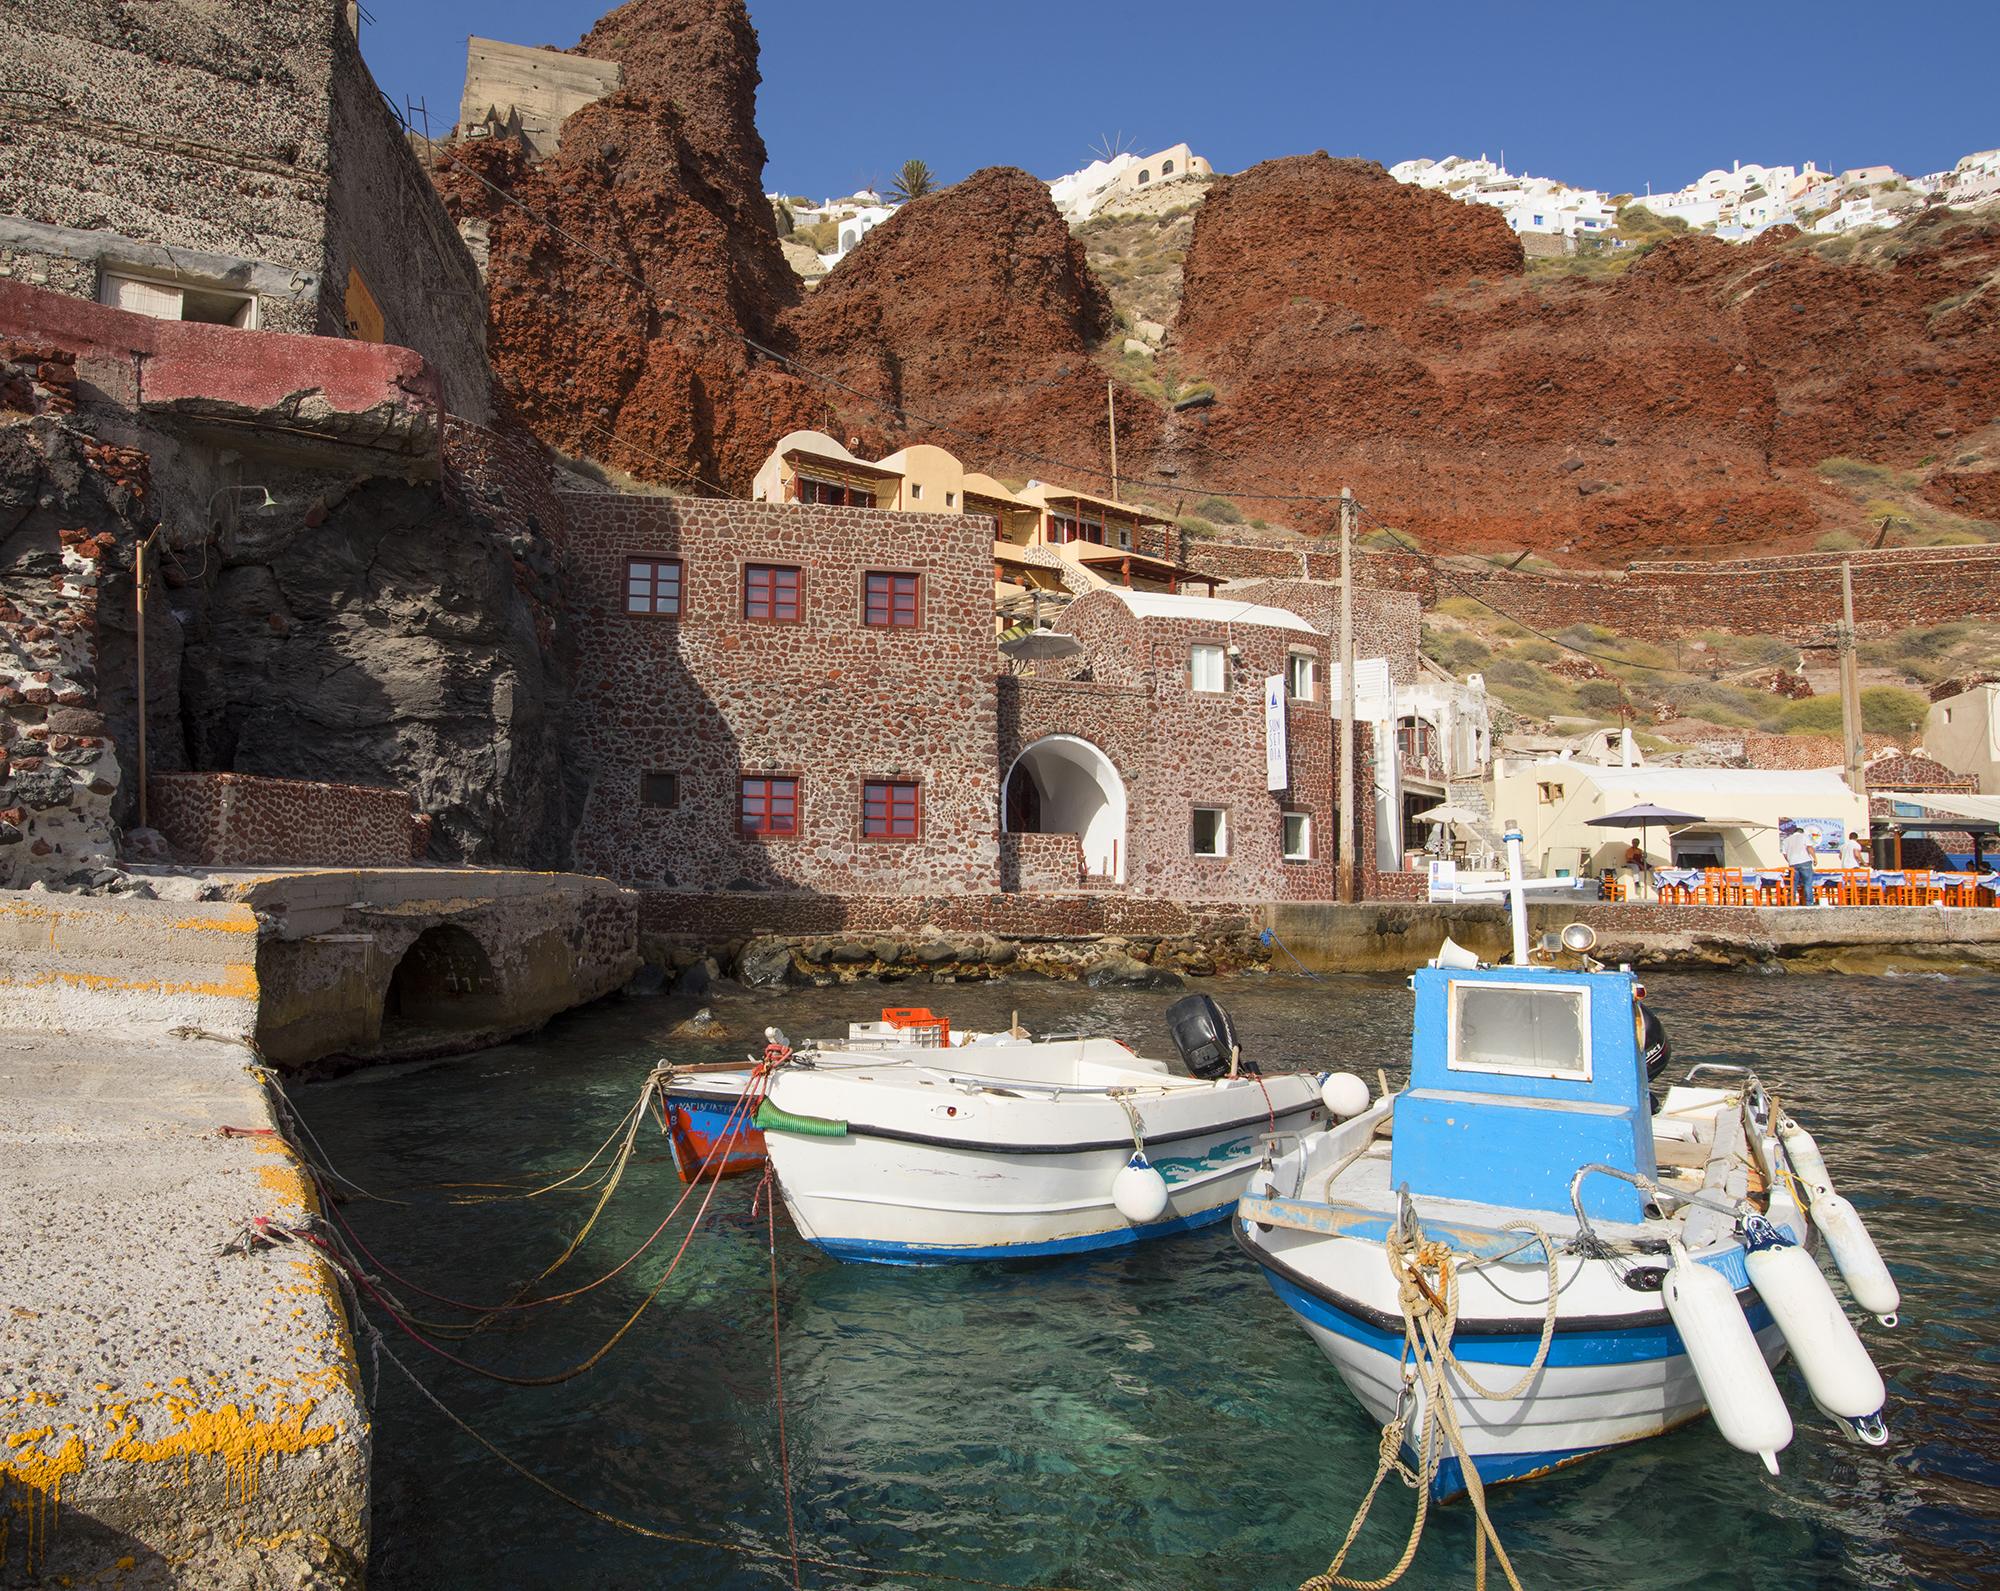 amoundi bay boats